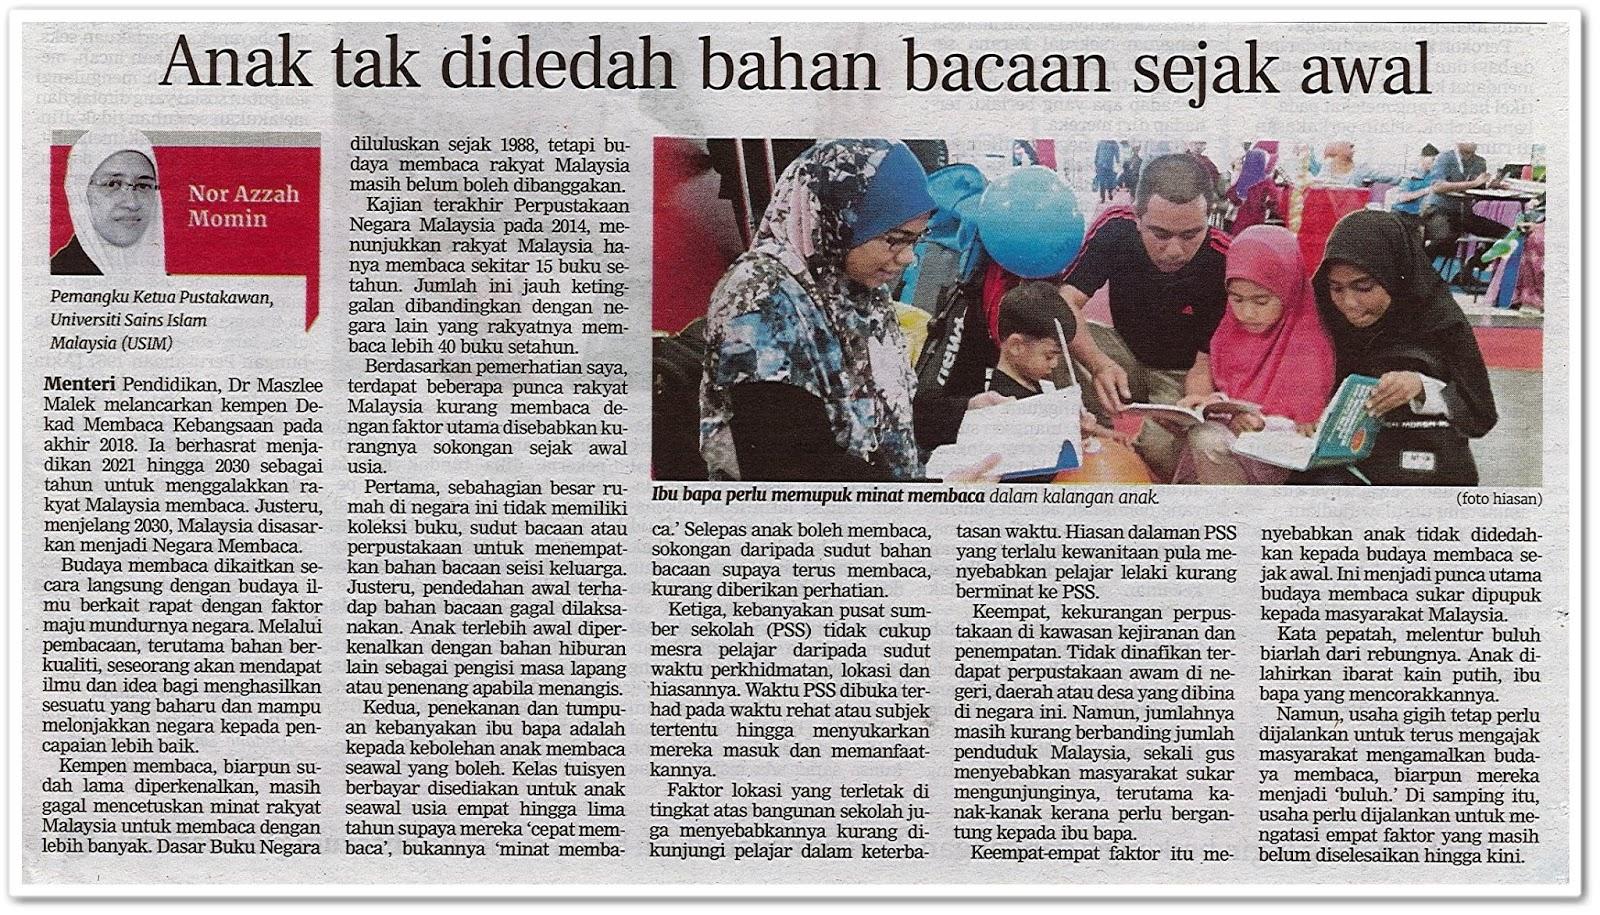 Anak tak didedah bahan bacaan sejak awal - Keratan akhbar Berita Harian 5 Ogos 2019